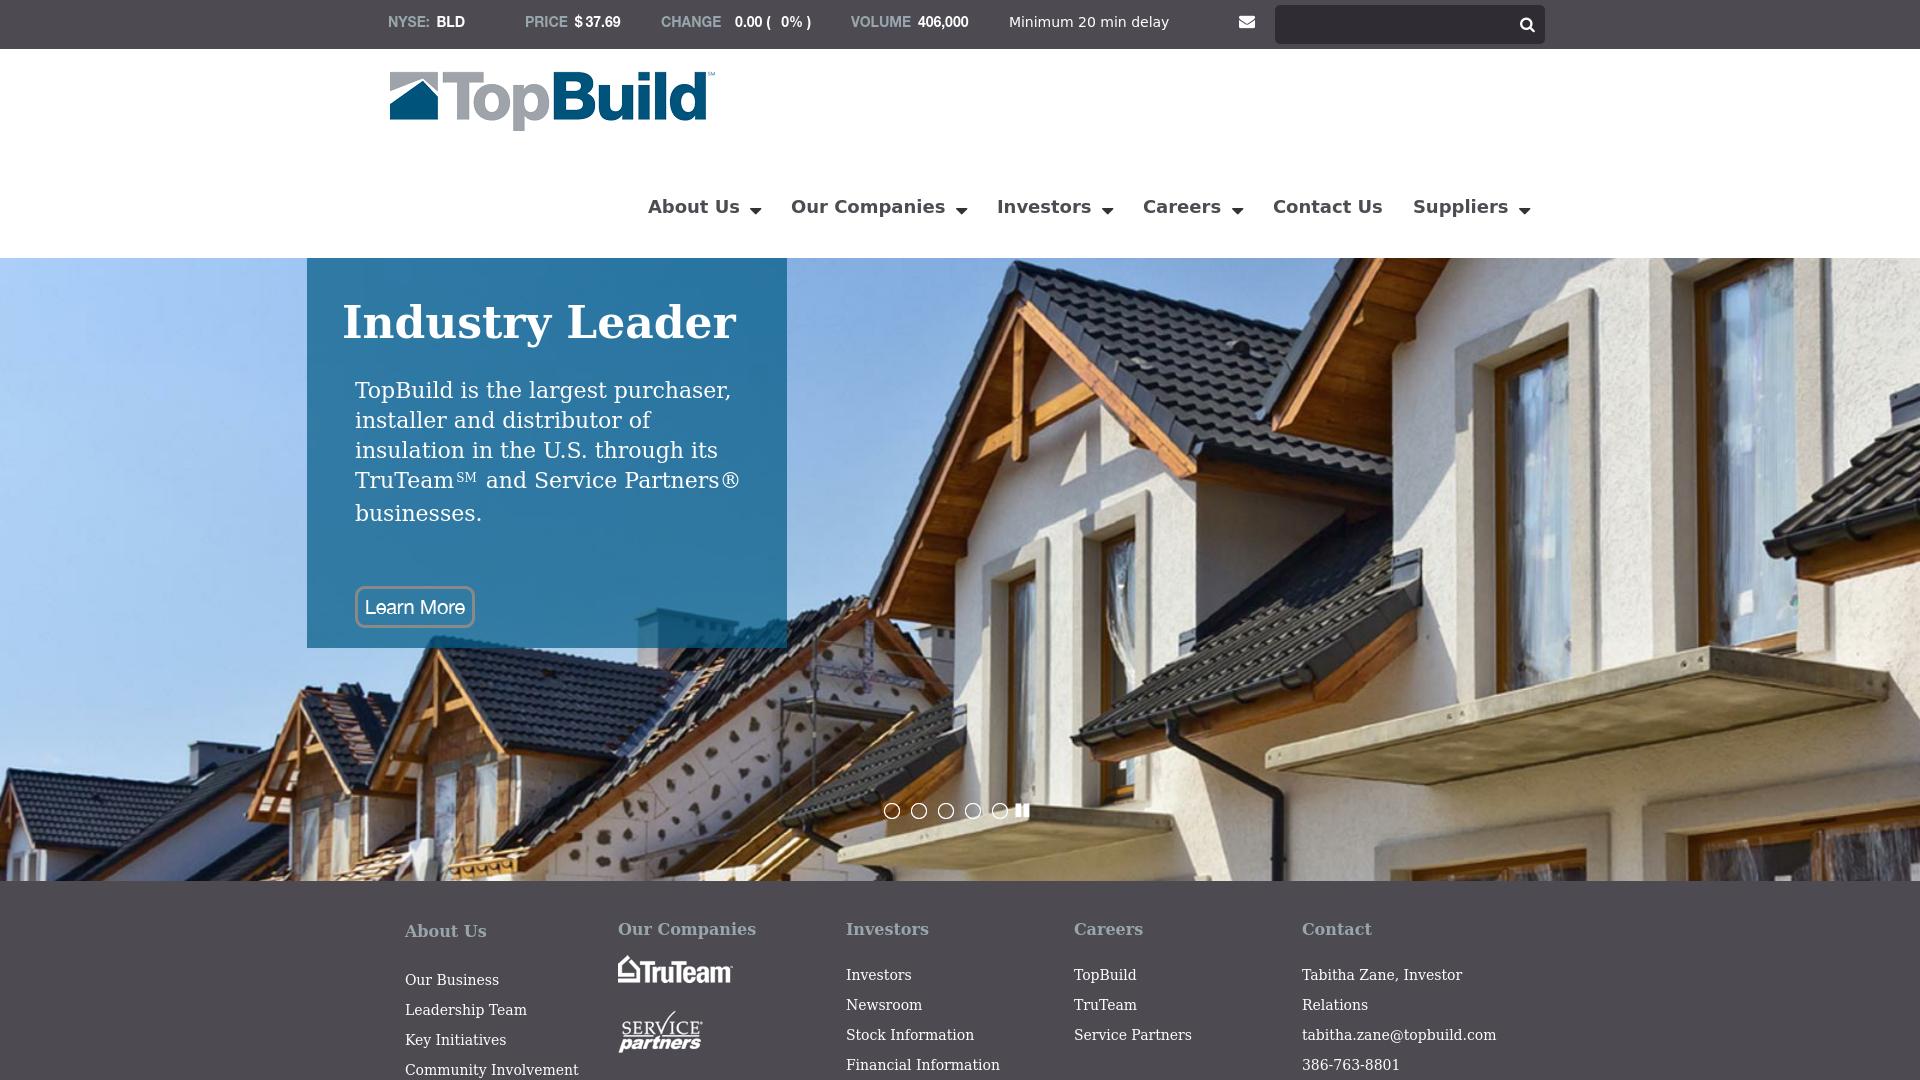 TopBuild company profile - Office locations, Competitors, Revenue ...